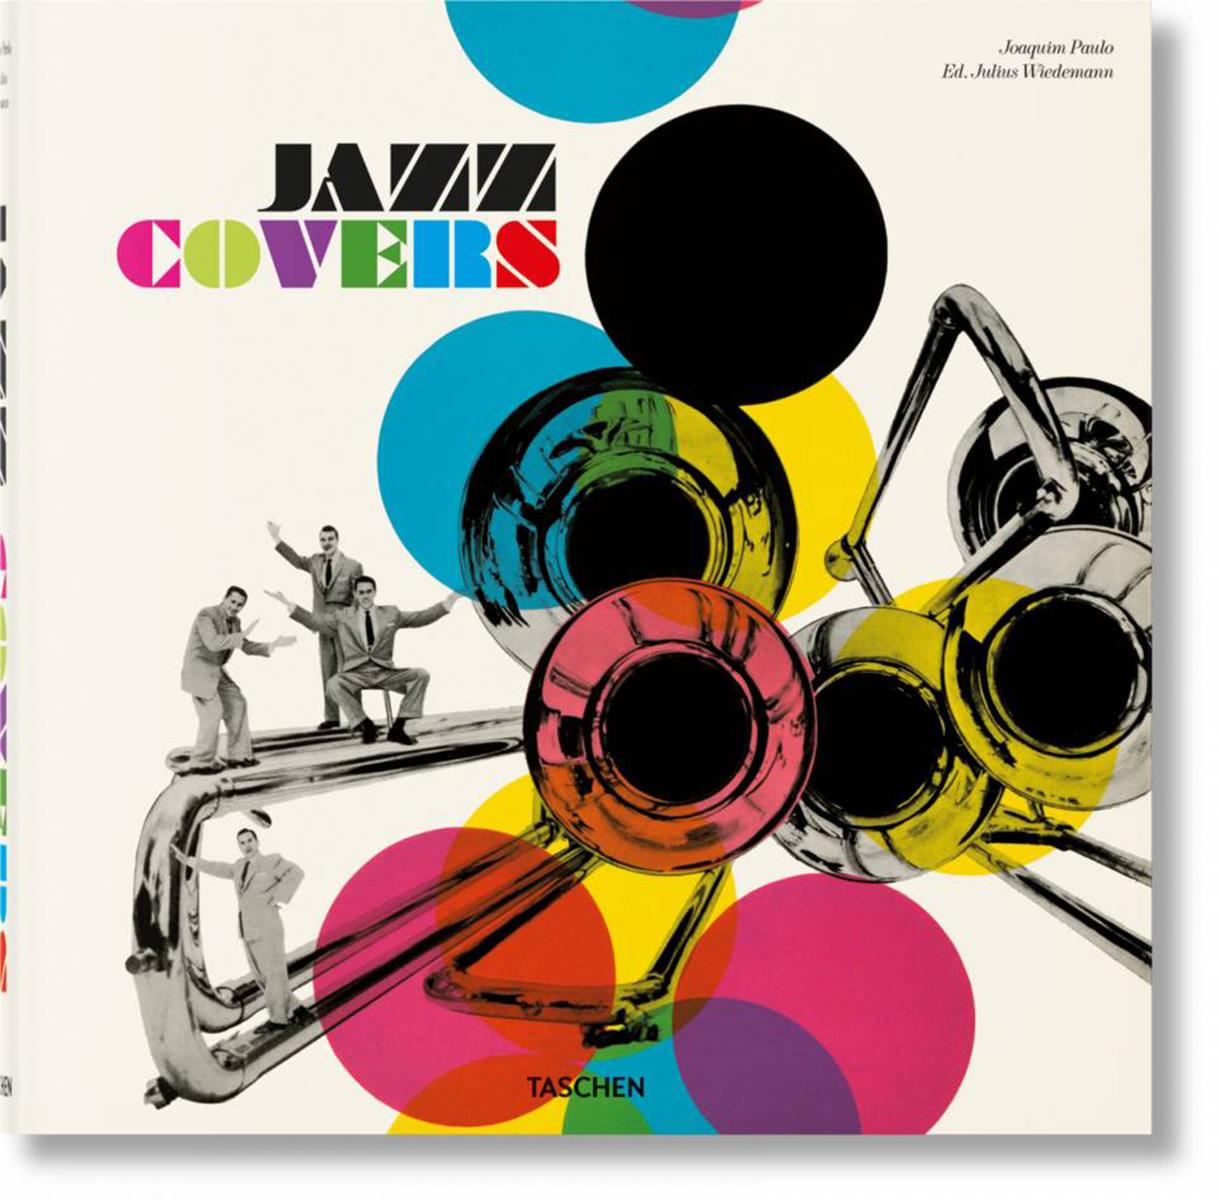 Jazz Covers - Paulo Joaquim